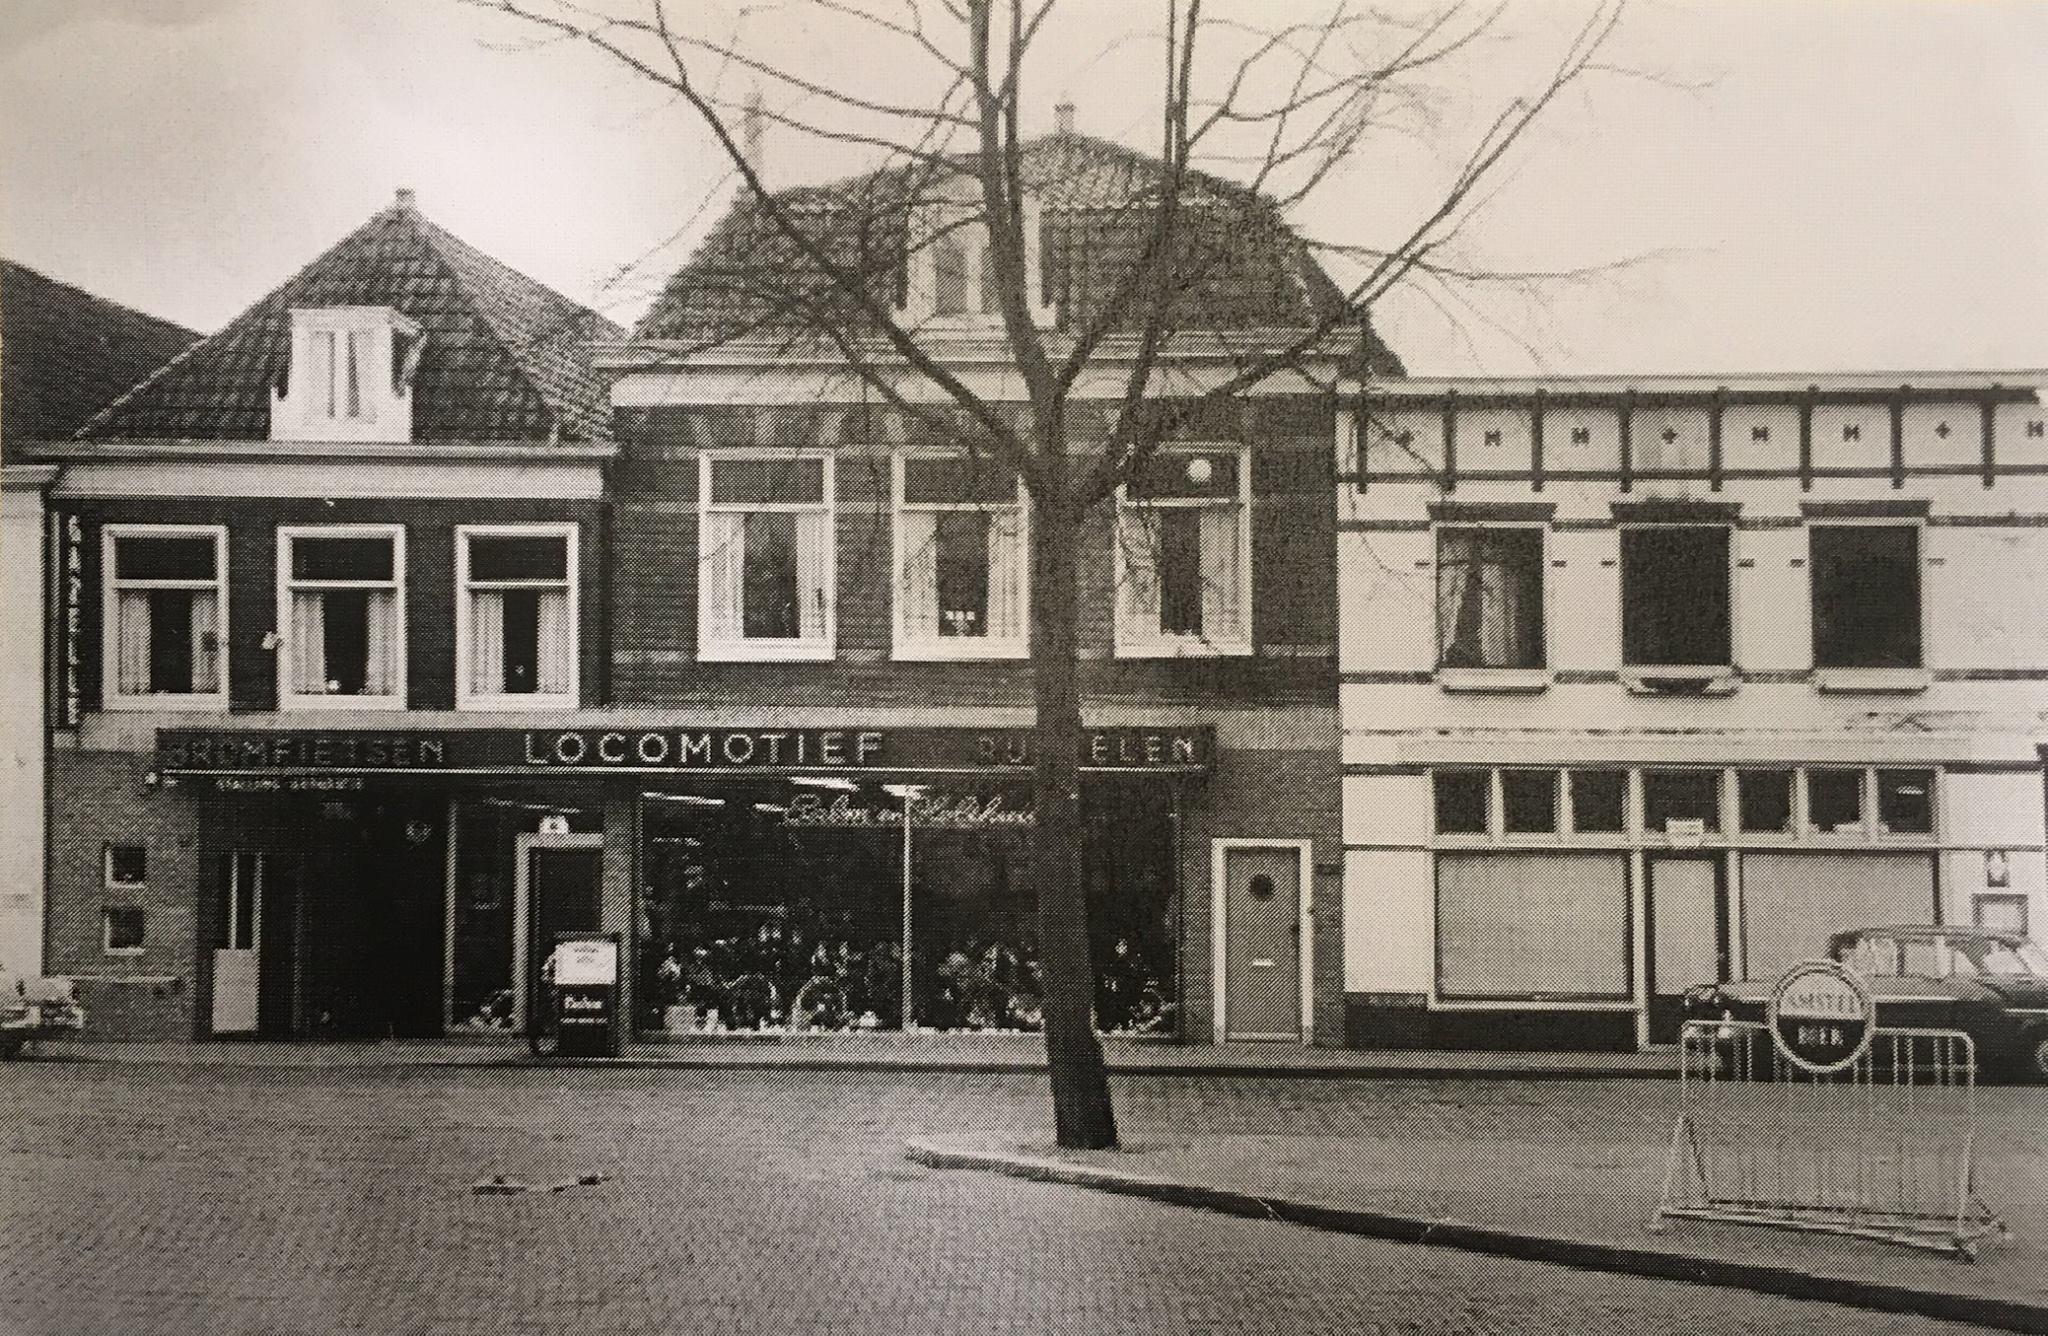 Hoorn Huizen Straten en Mensen van 1 januari 2017